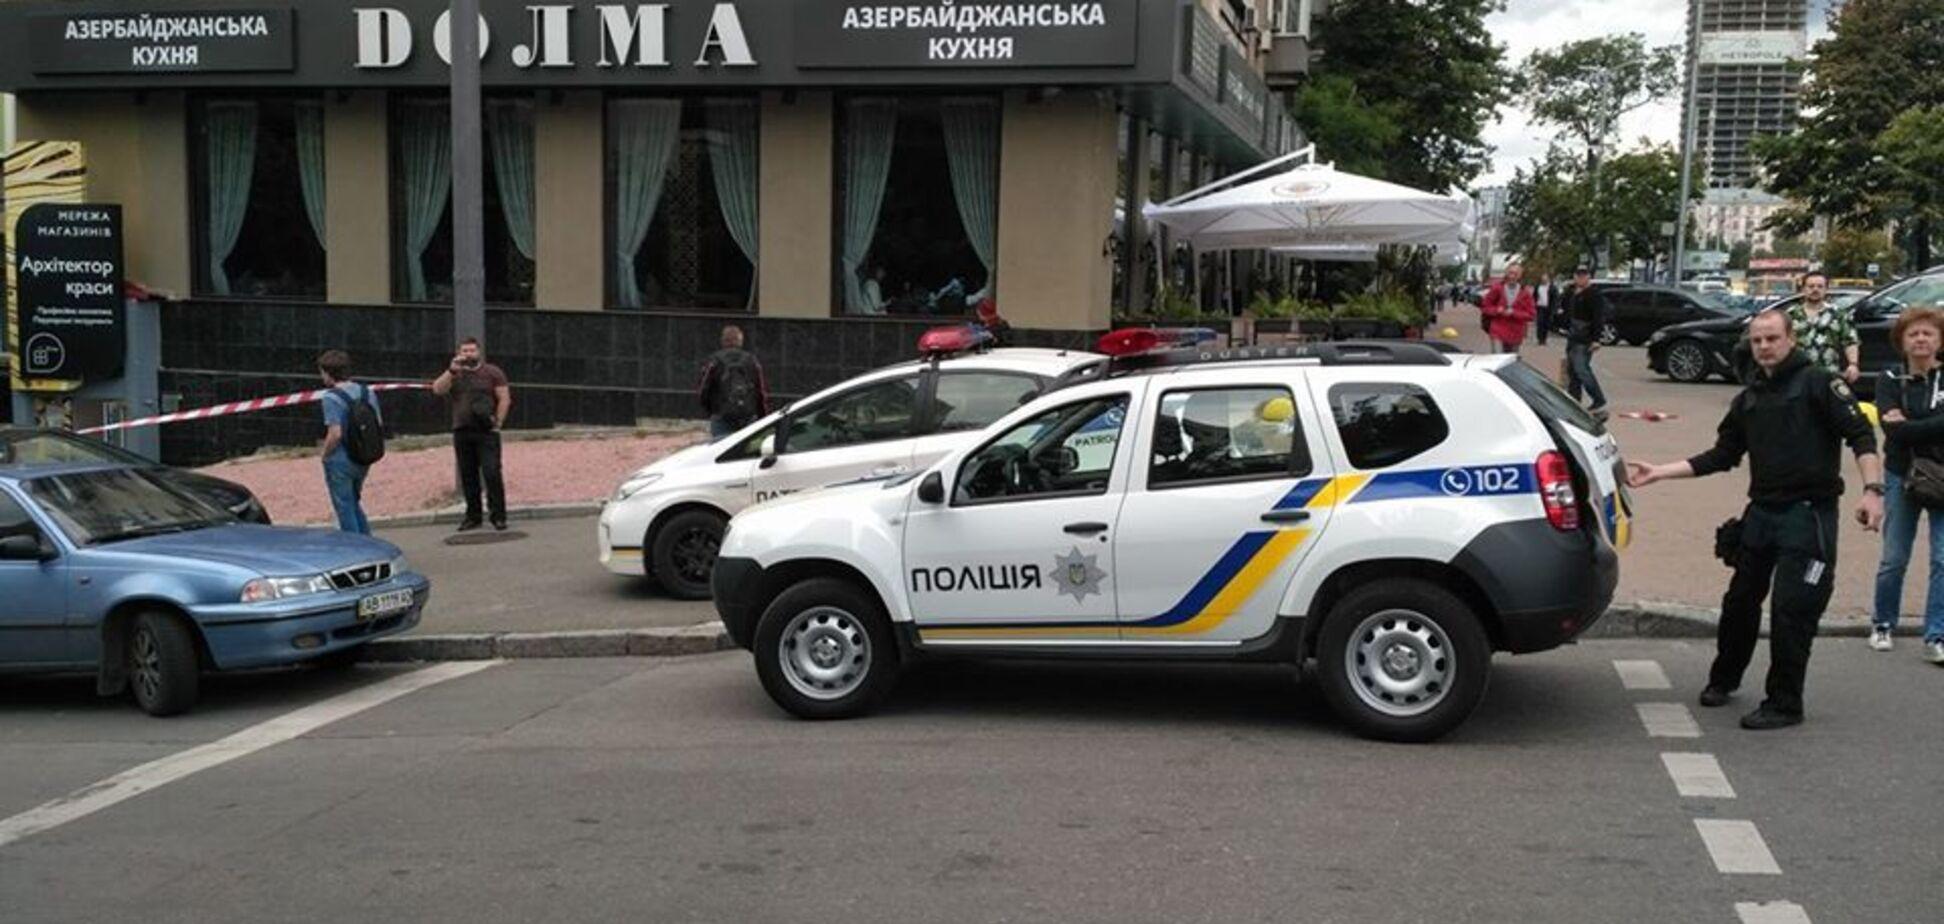 Розстріл іноземця в центрі Києва: у поліції назвали мотив